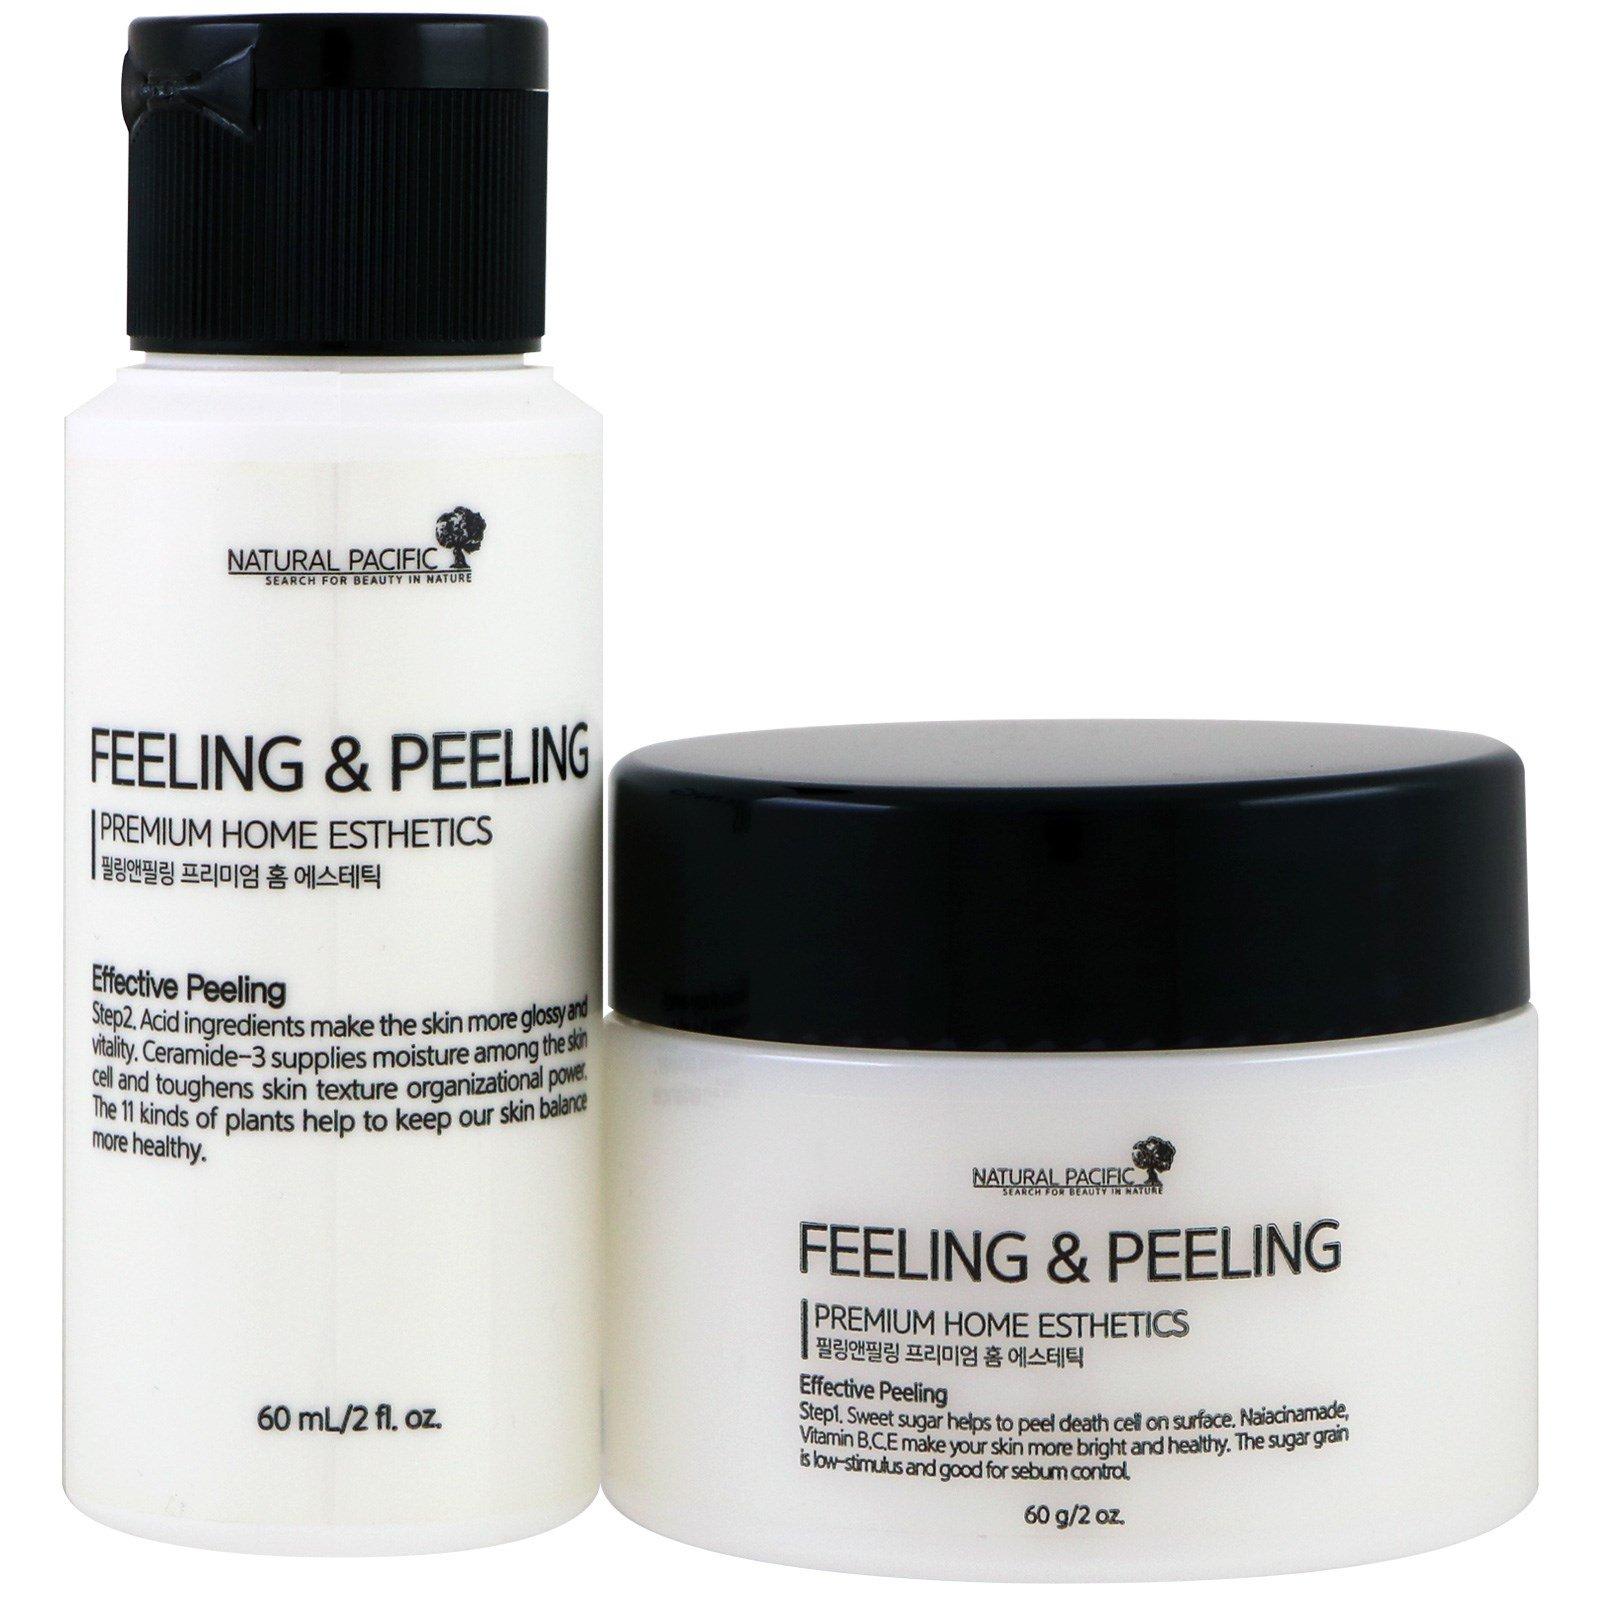 Natural Pacific, Feeling & Peeling, Премиальные домашние продукты для красоты, набор из 2 шт.